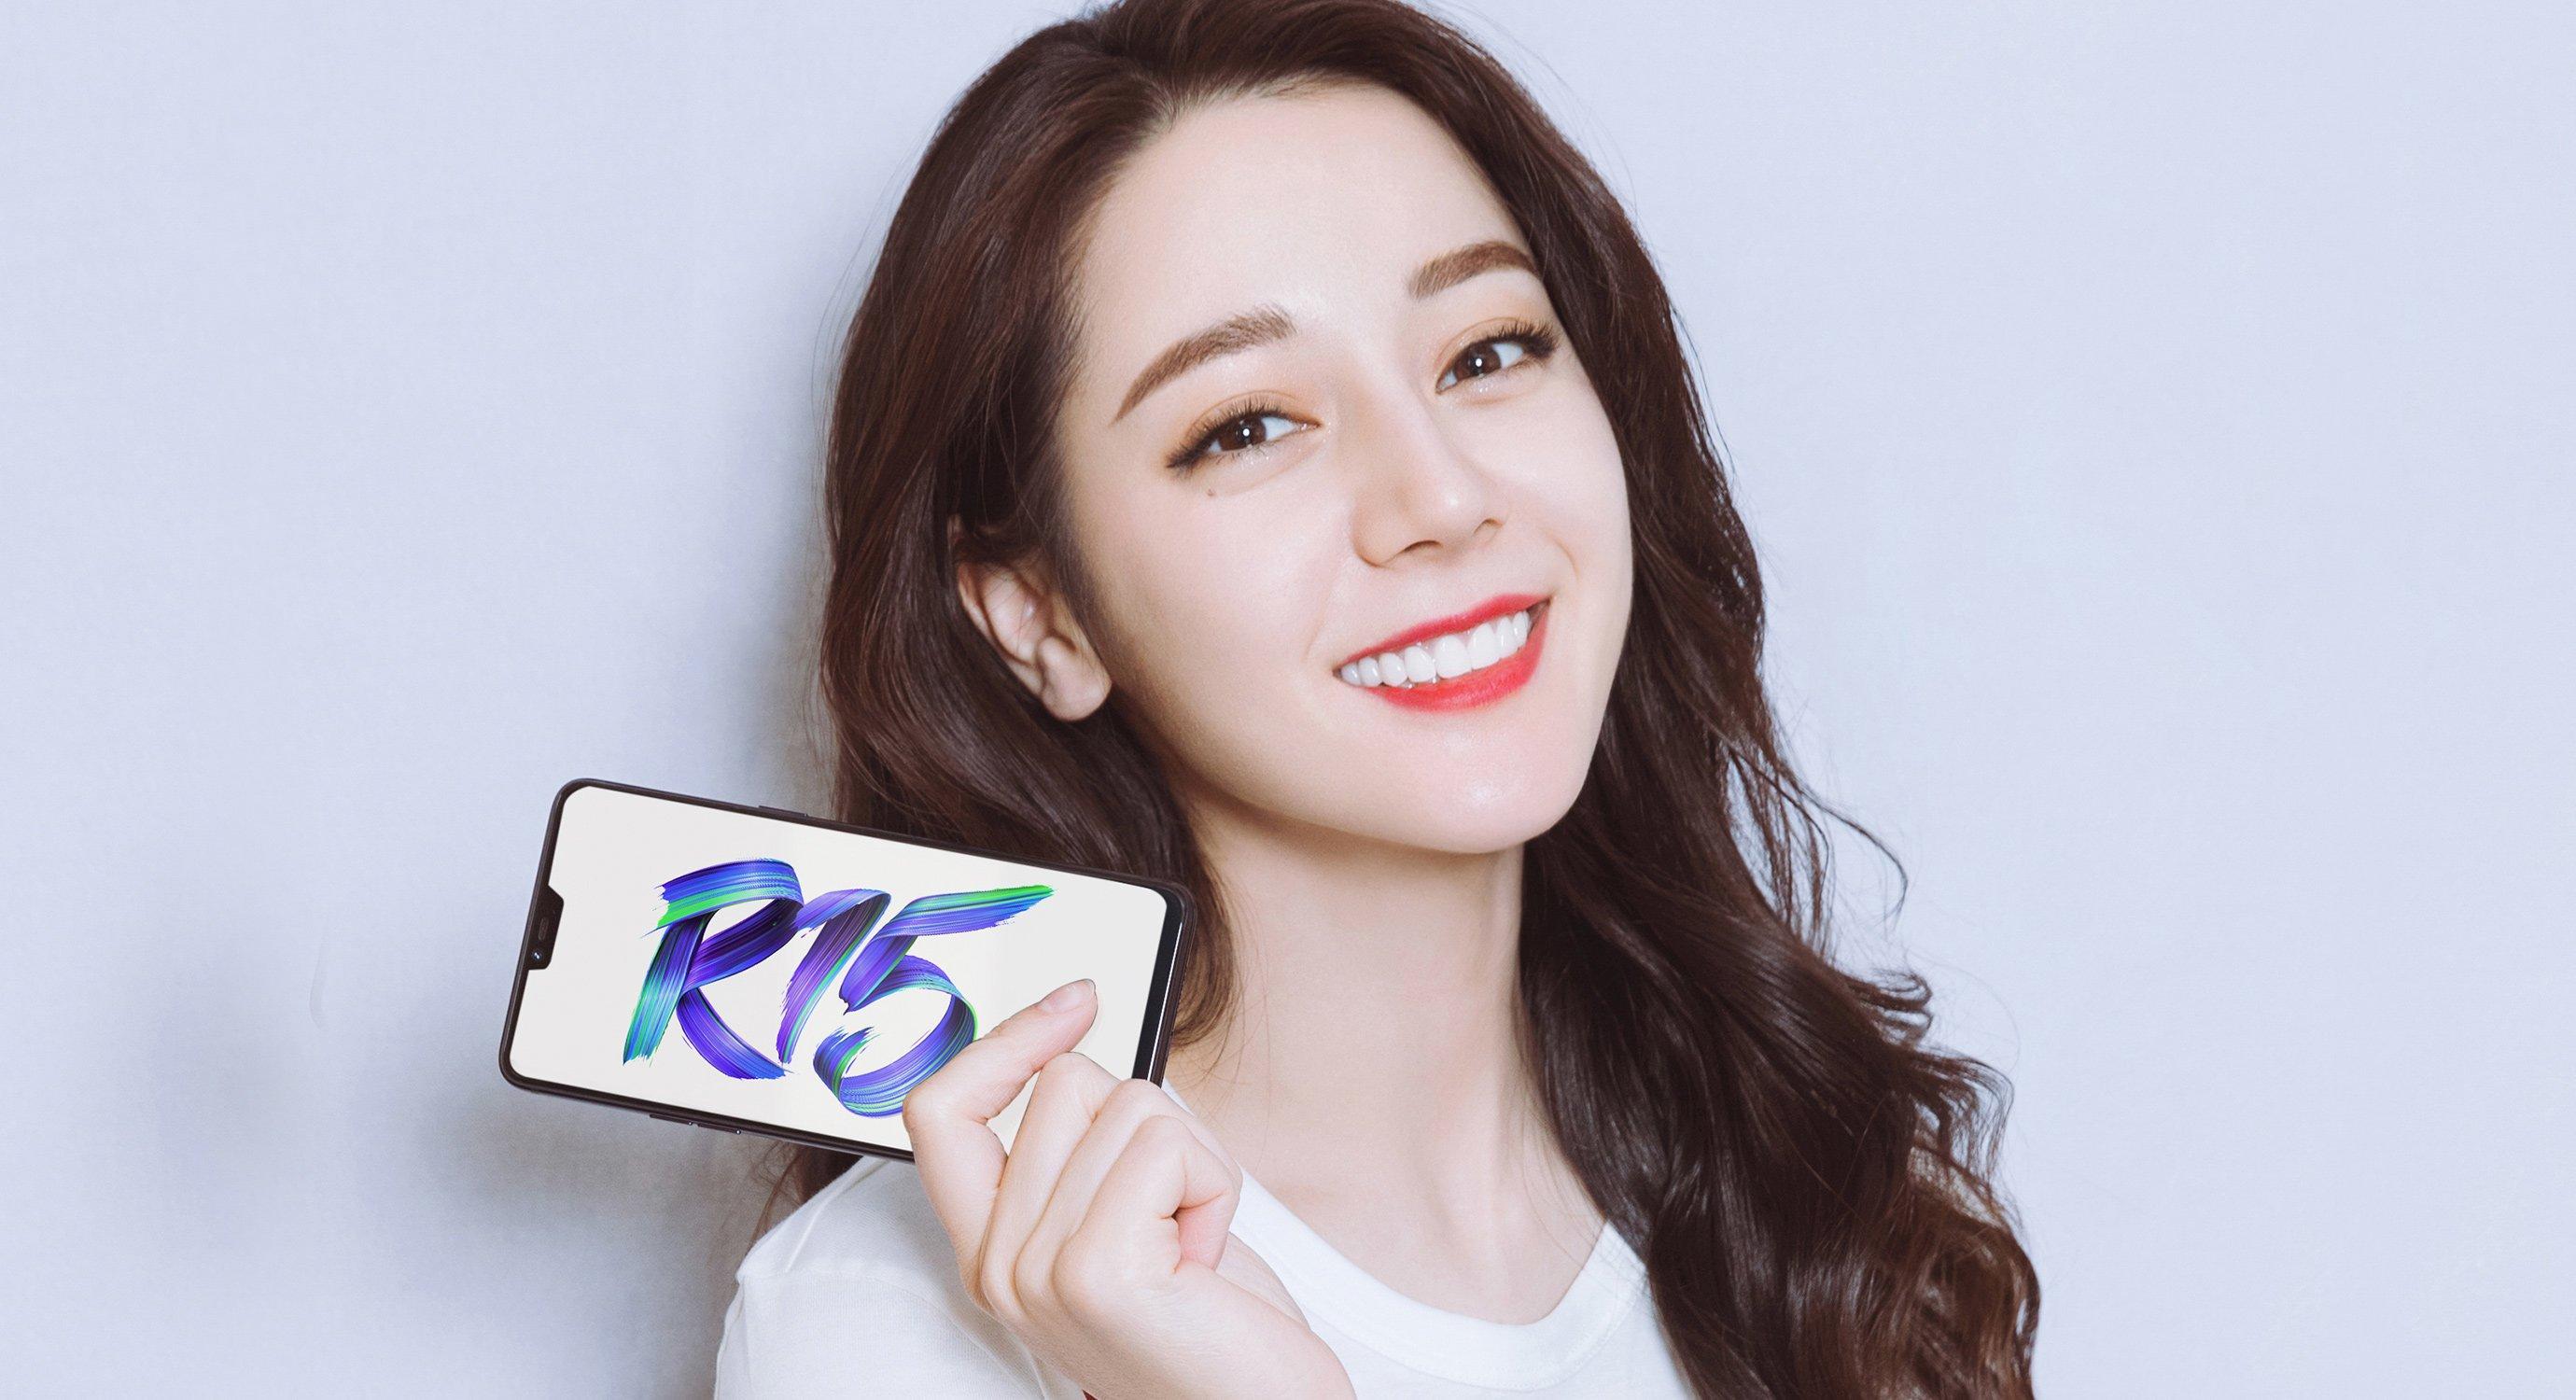 Oppo R15 zostanie zaprezentowany za tydzień, a Vivo V9 poznamy w dniu premiery Huawei P20 - 27 marca 28